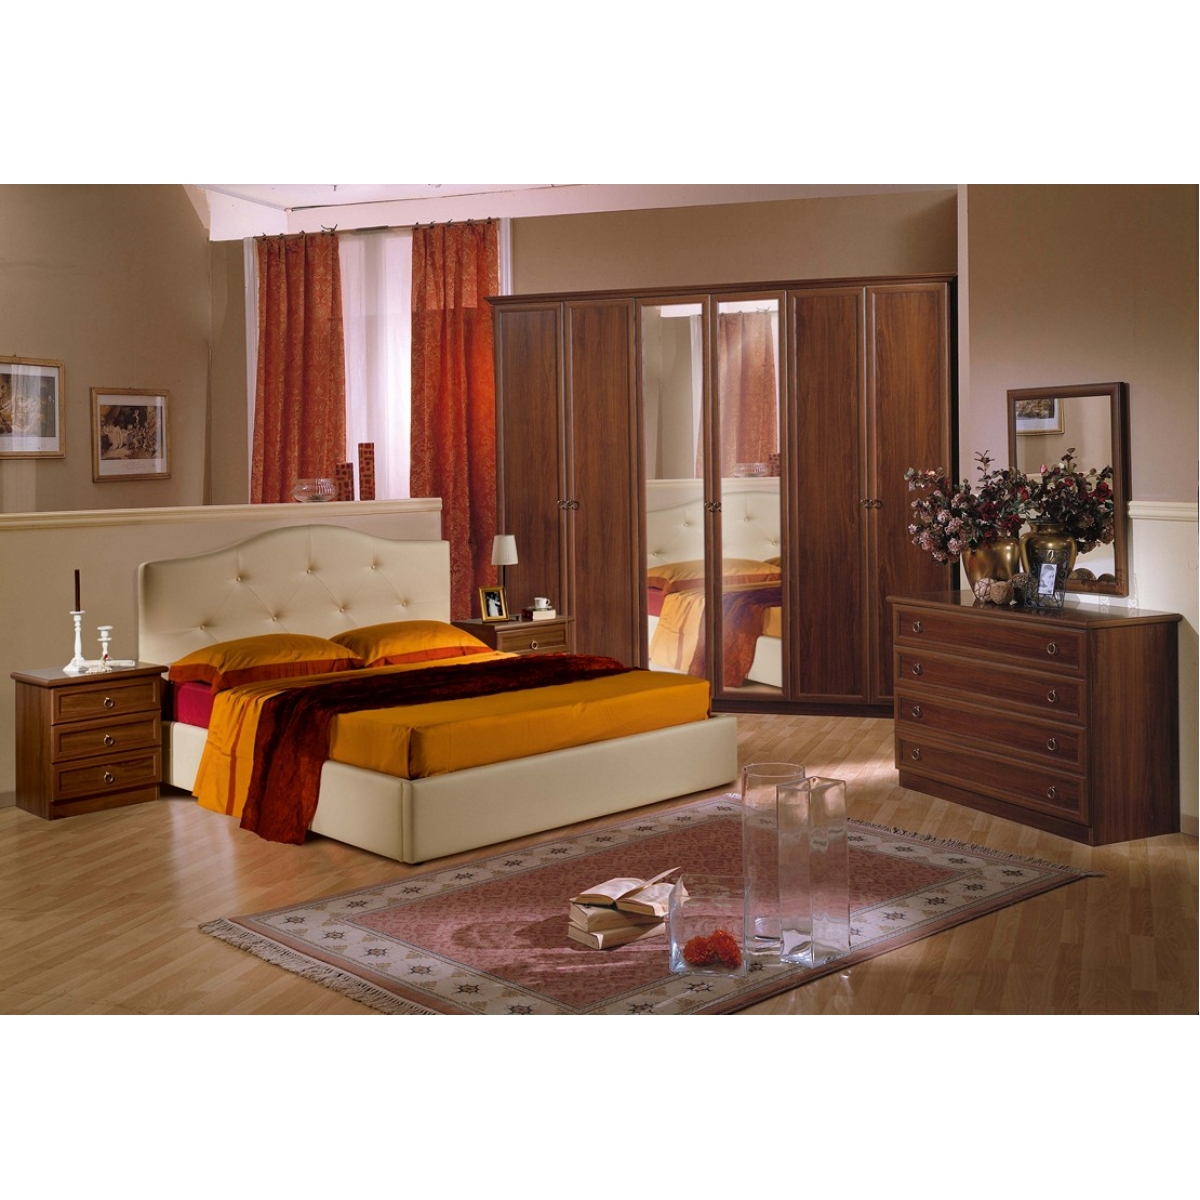 869 camera da letto classica noce letto contenitore - Quadri x camera da letto ...